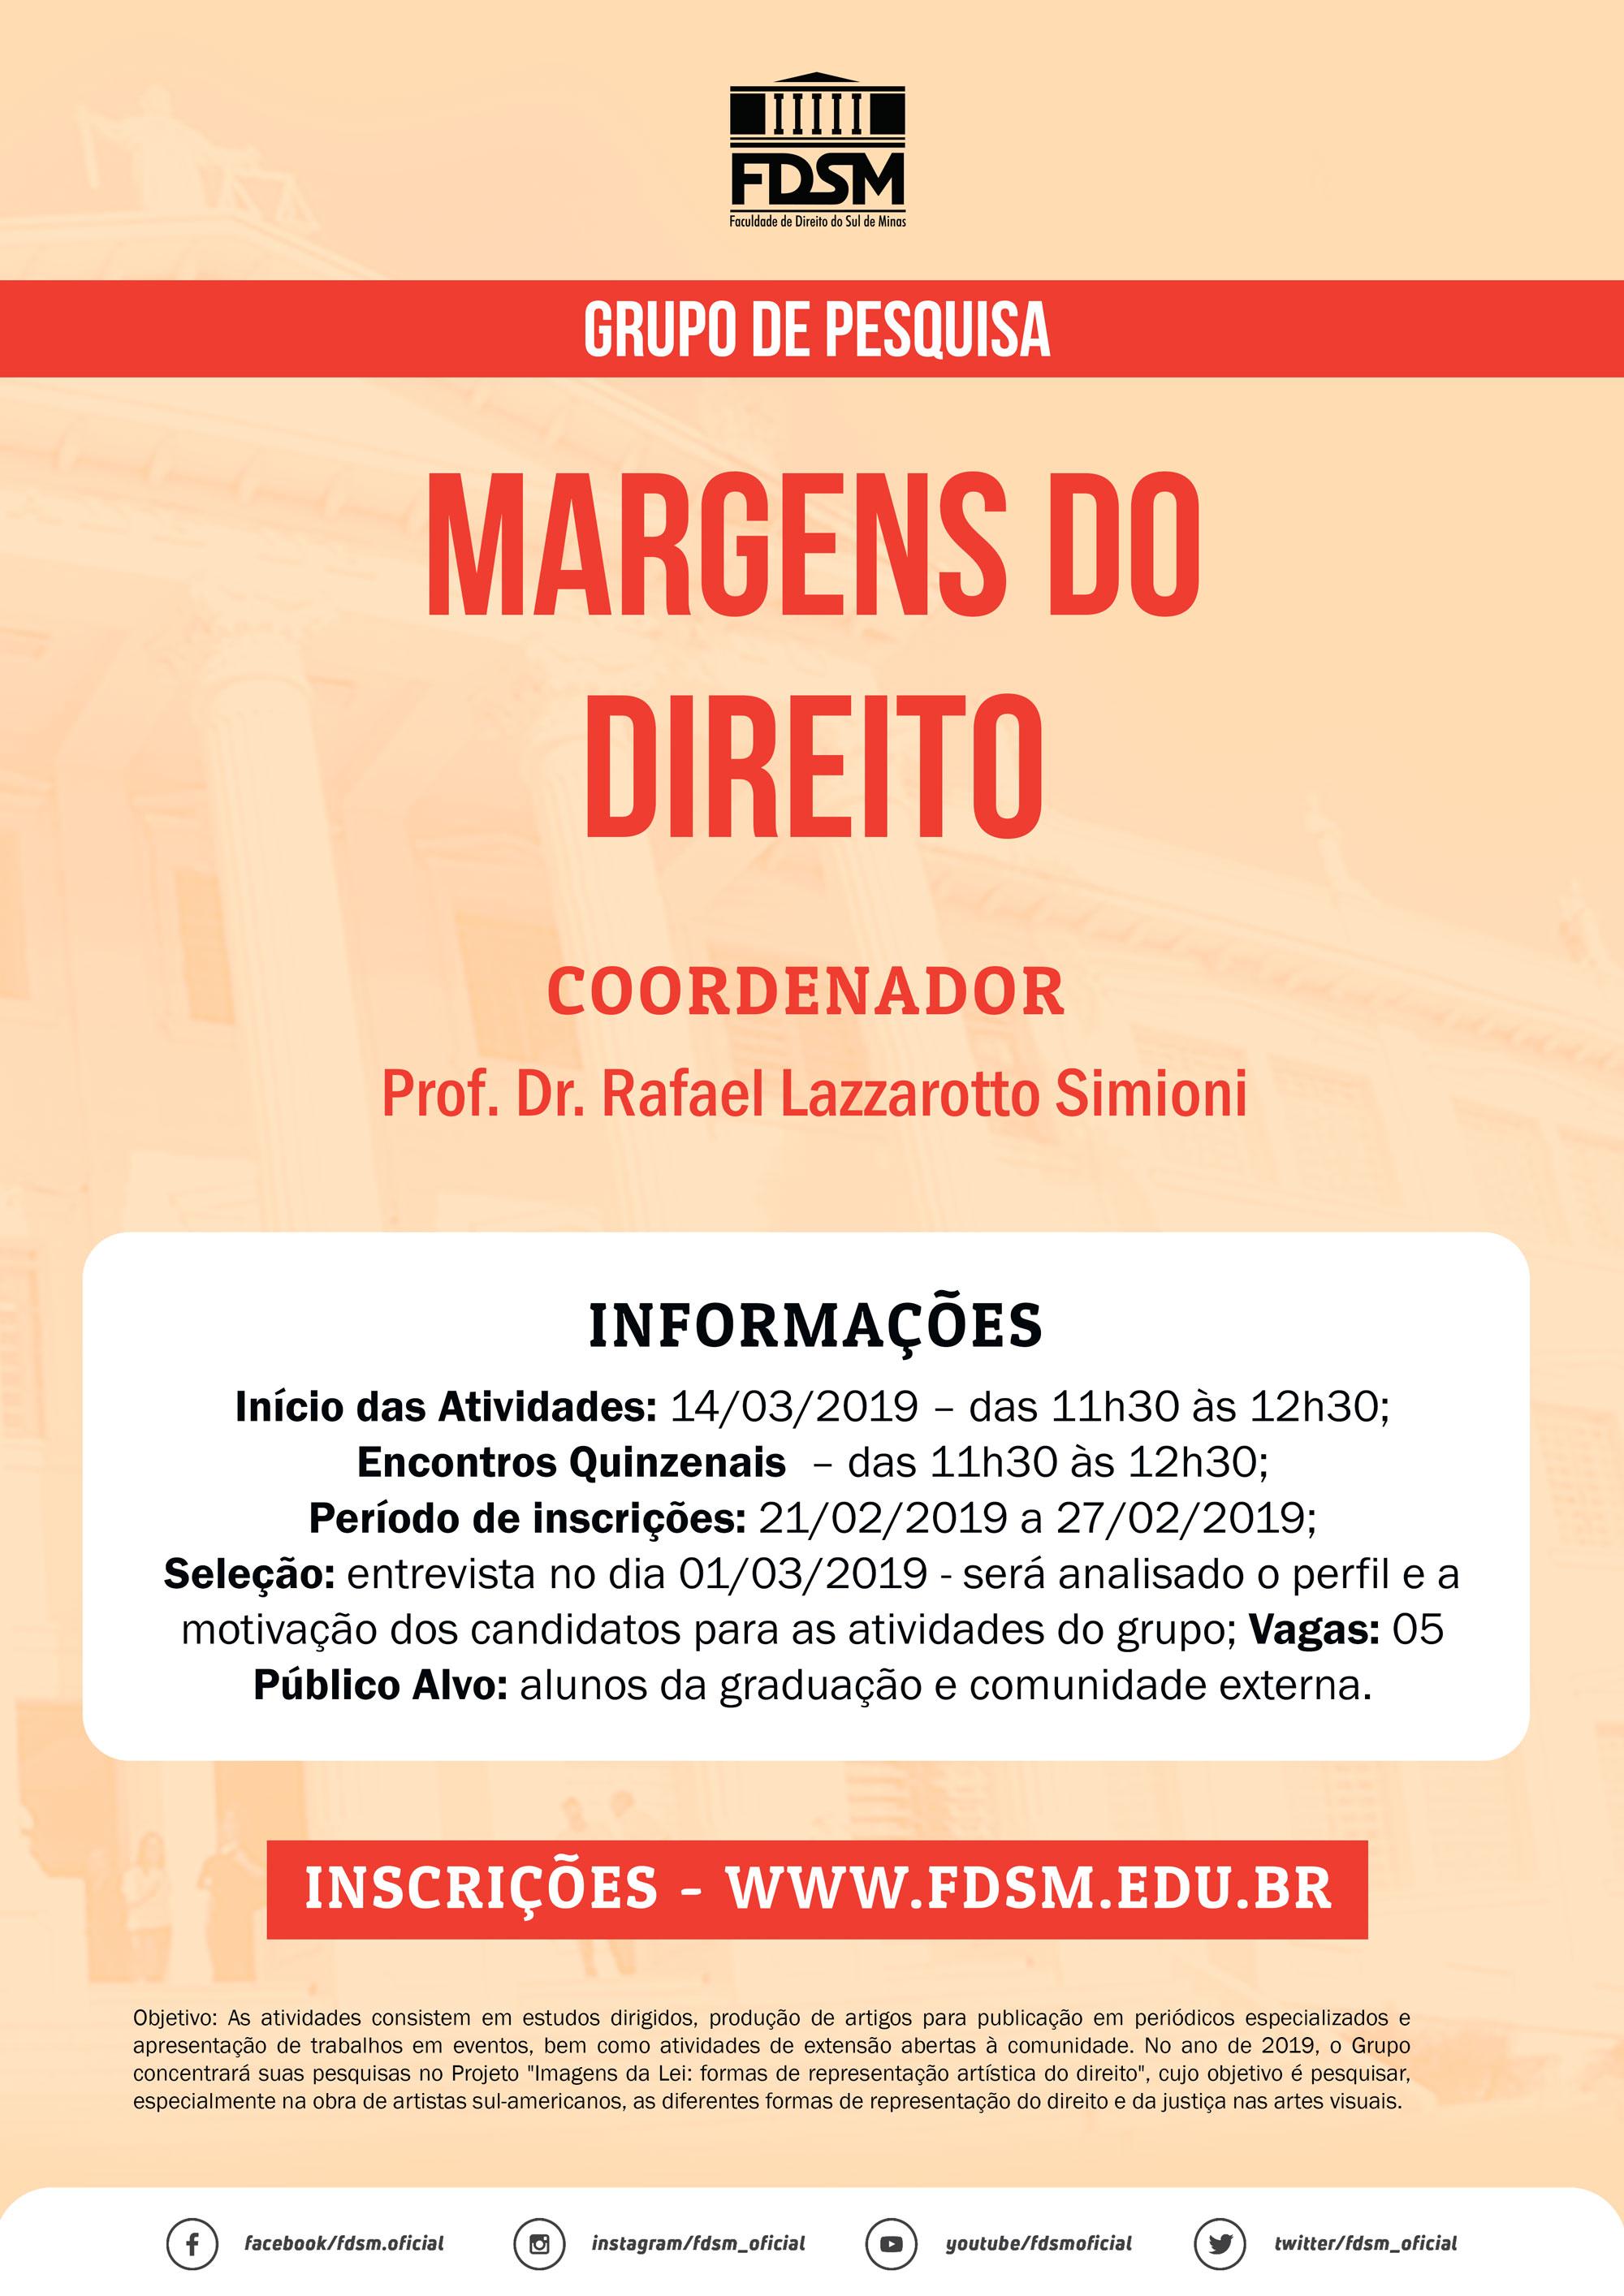 Cód 426: GRUPO DE PESQUISA MARGENS DO DIREITO